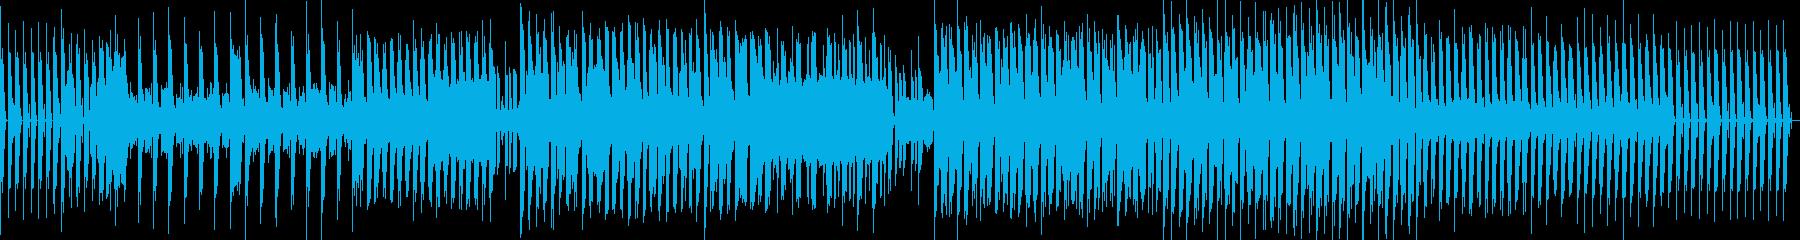 テクノ。フィルターシンセ。の再生済みの波形